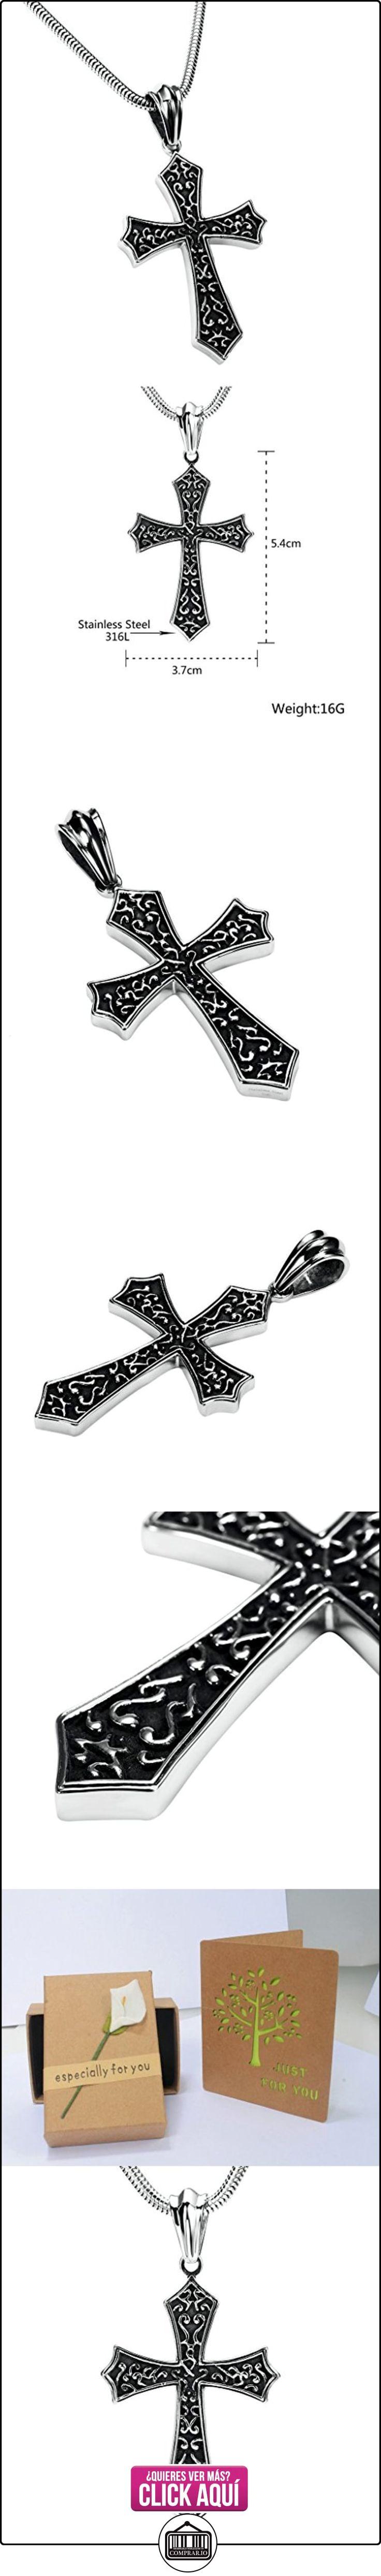 Daesar Joyería Collares de Hombre Acero Inoxidable Cruz Colgantes Vintage Patrón Plata Colgantes Vintage 3.7X5.4cm  ✿ Joyas para niños - Regalos ✿ ▬► Ver oferta: https://comprar.io/goto/B01MYO1RGX